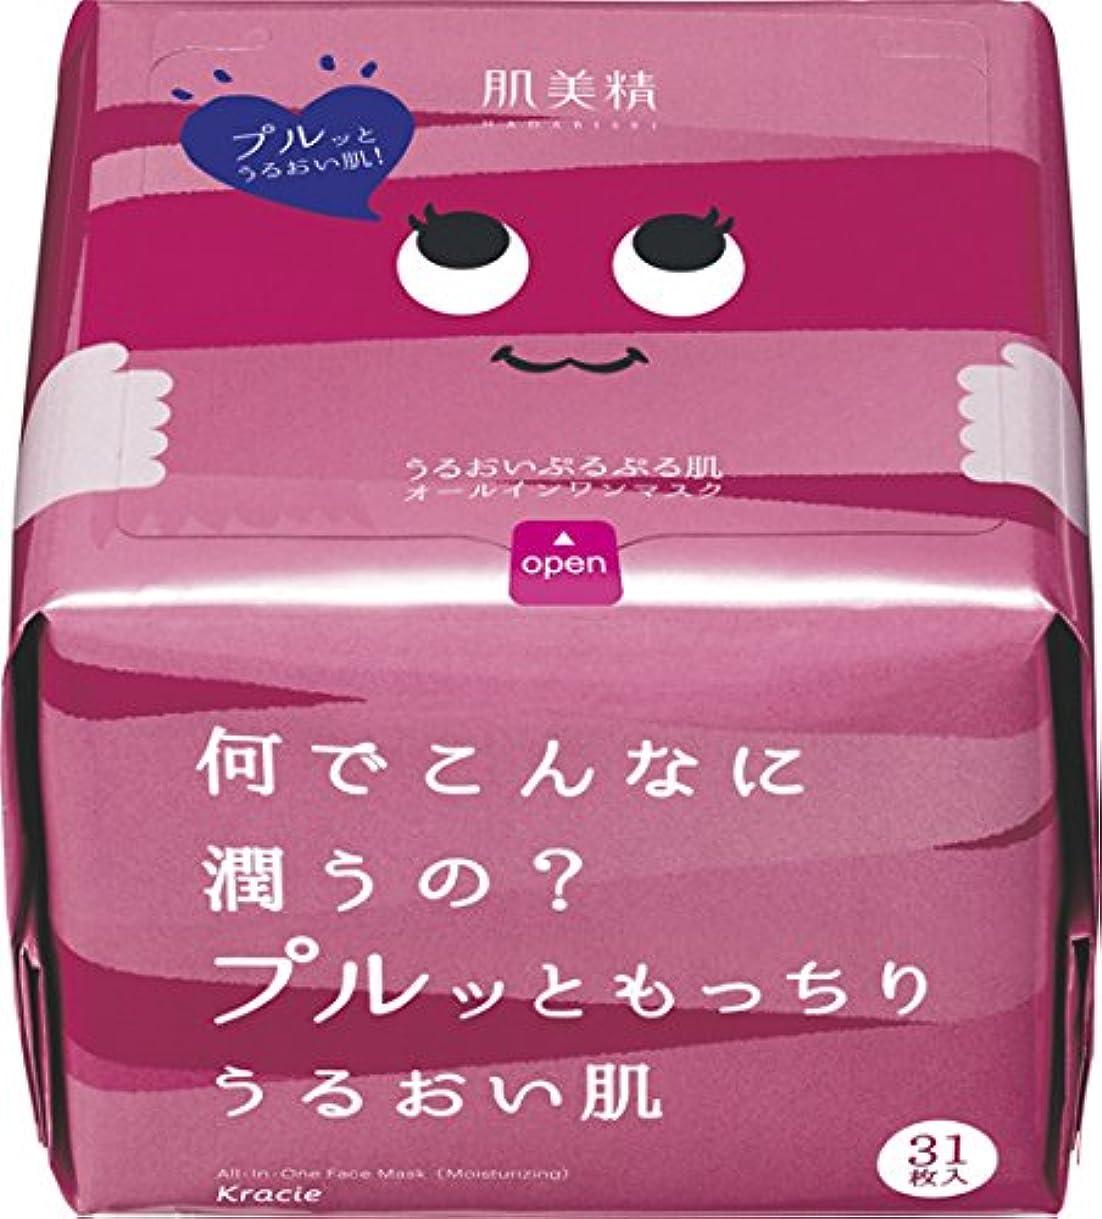 枕トレーダー六分儀肌美精 デイリーモイスチュアマスク (うるおい) 31枚